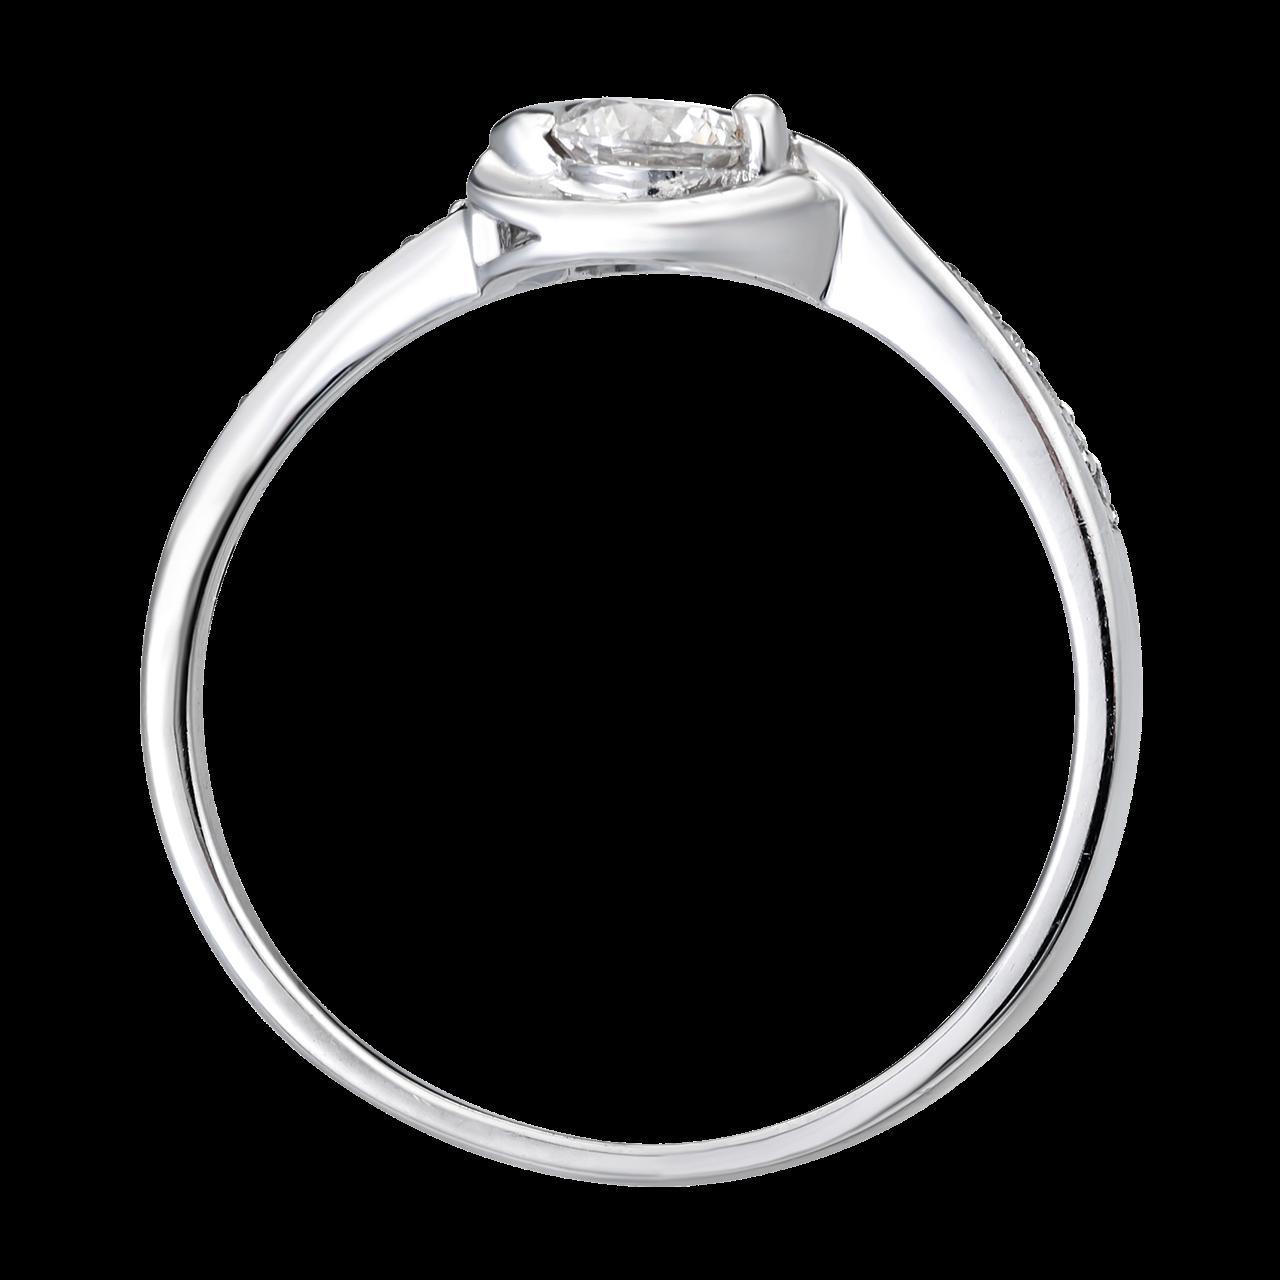 Nhẫn Kim cương Vàng trắng 14K PNJ DDDDW000933